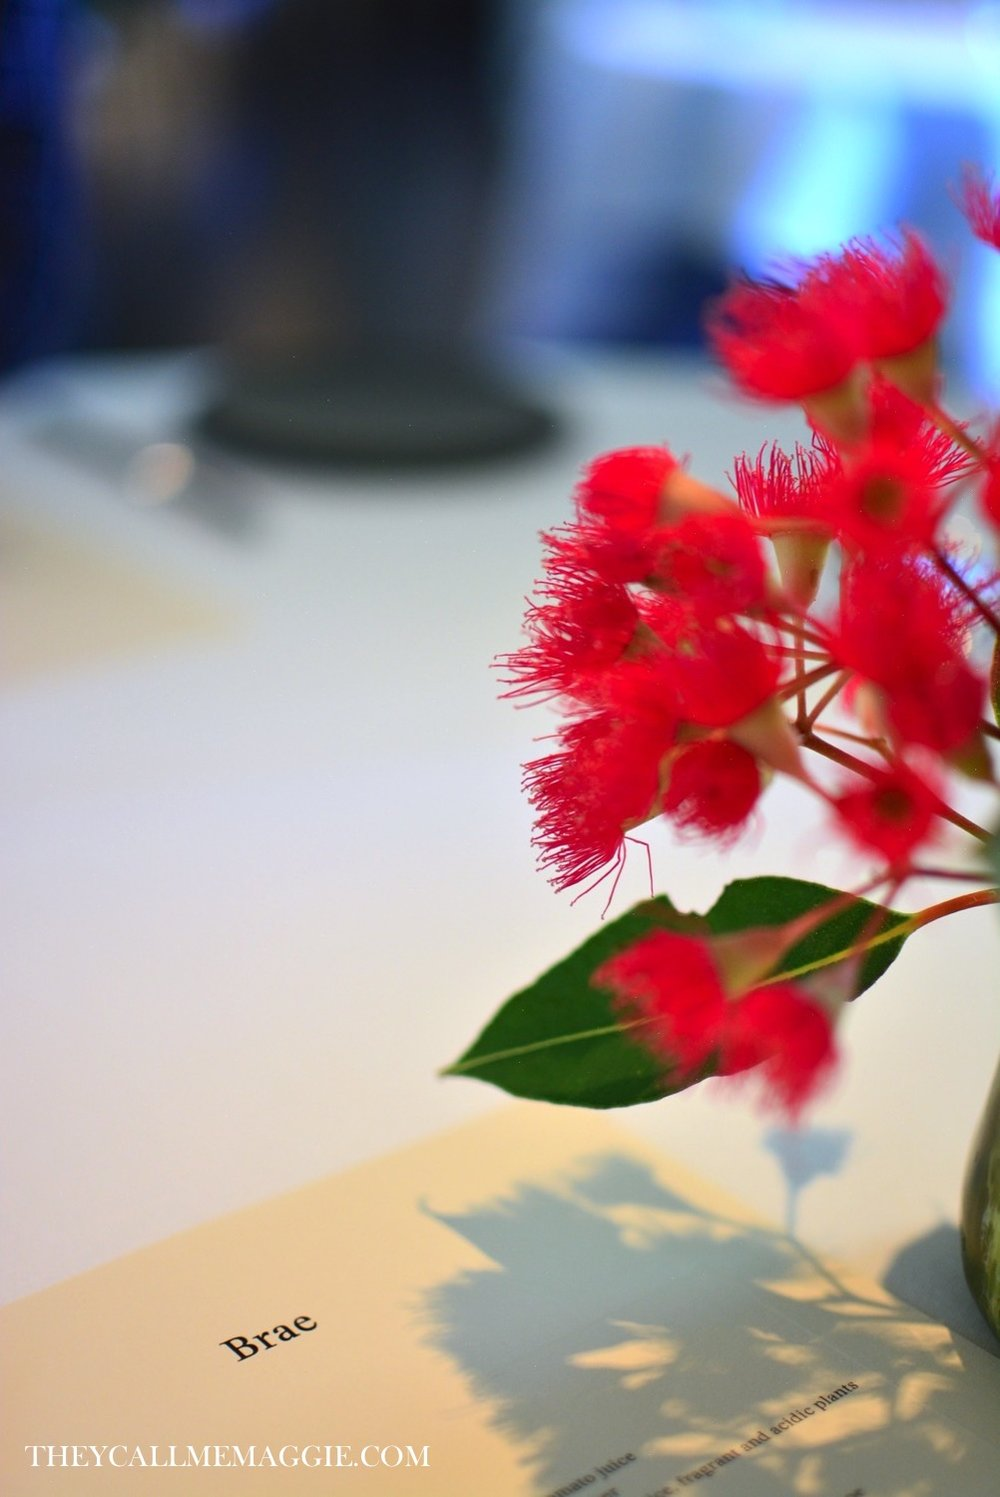 brae-native-blooms.jpg